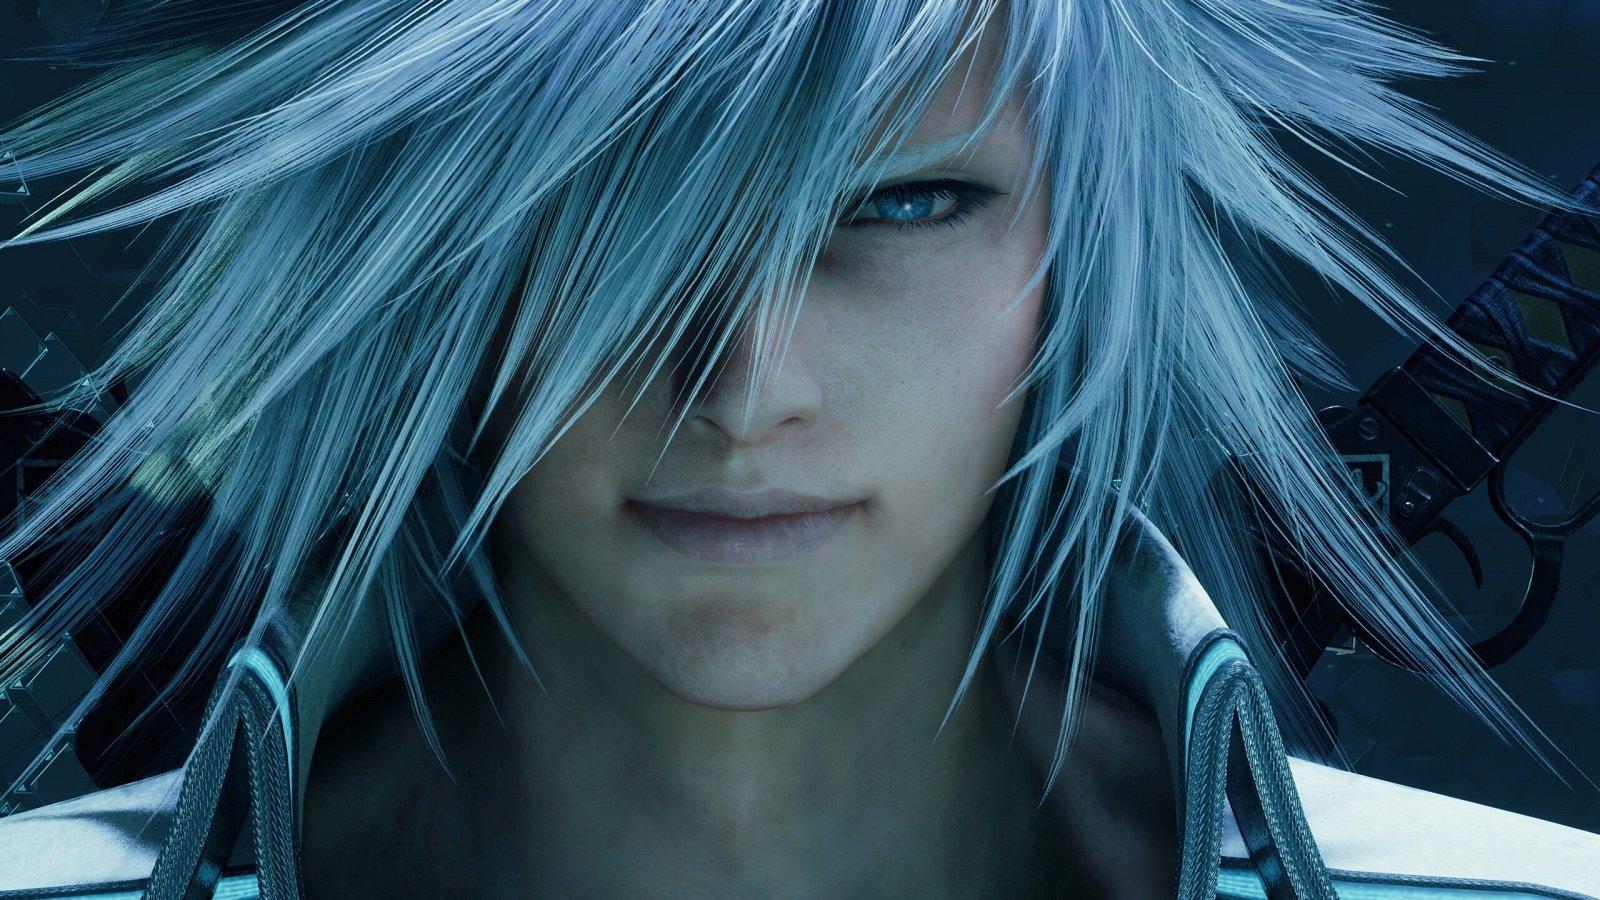 СМИ: Square Enix выпустит Final Fantasy в духе Dark Souls